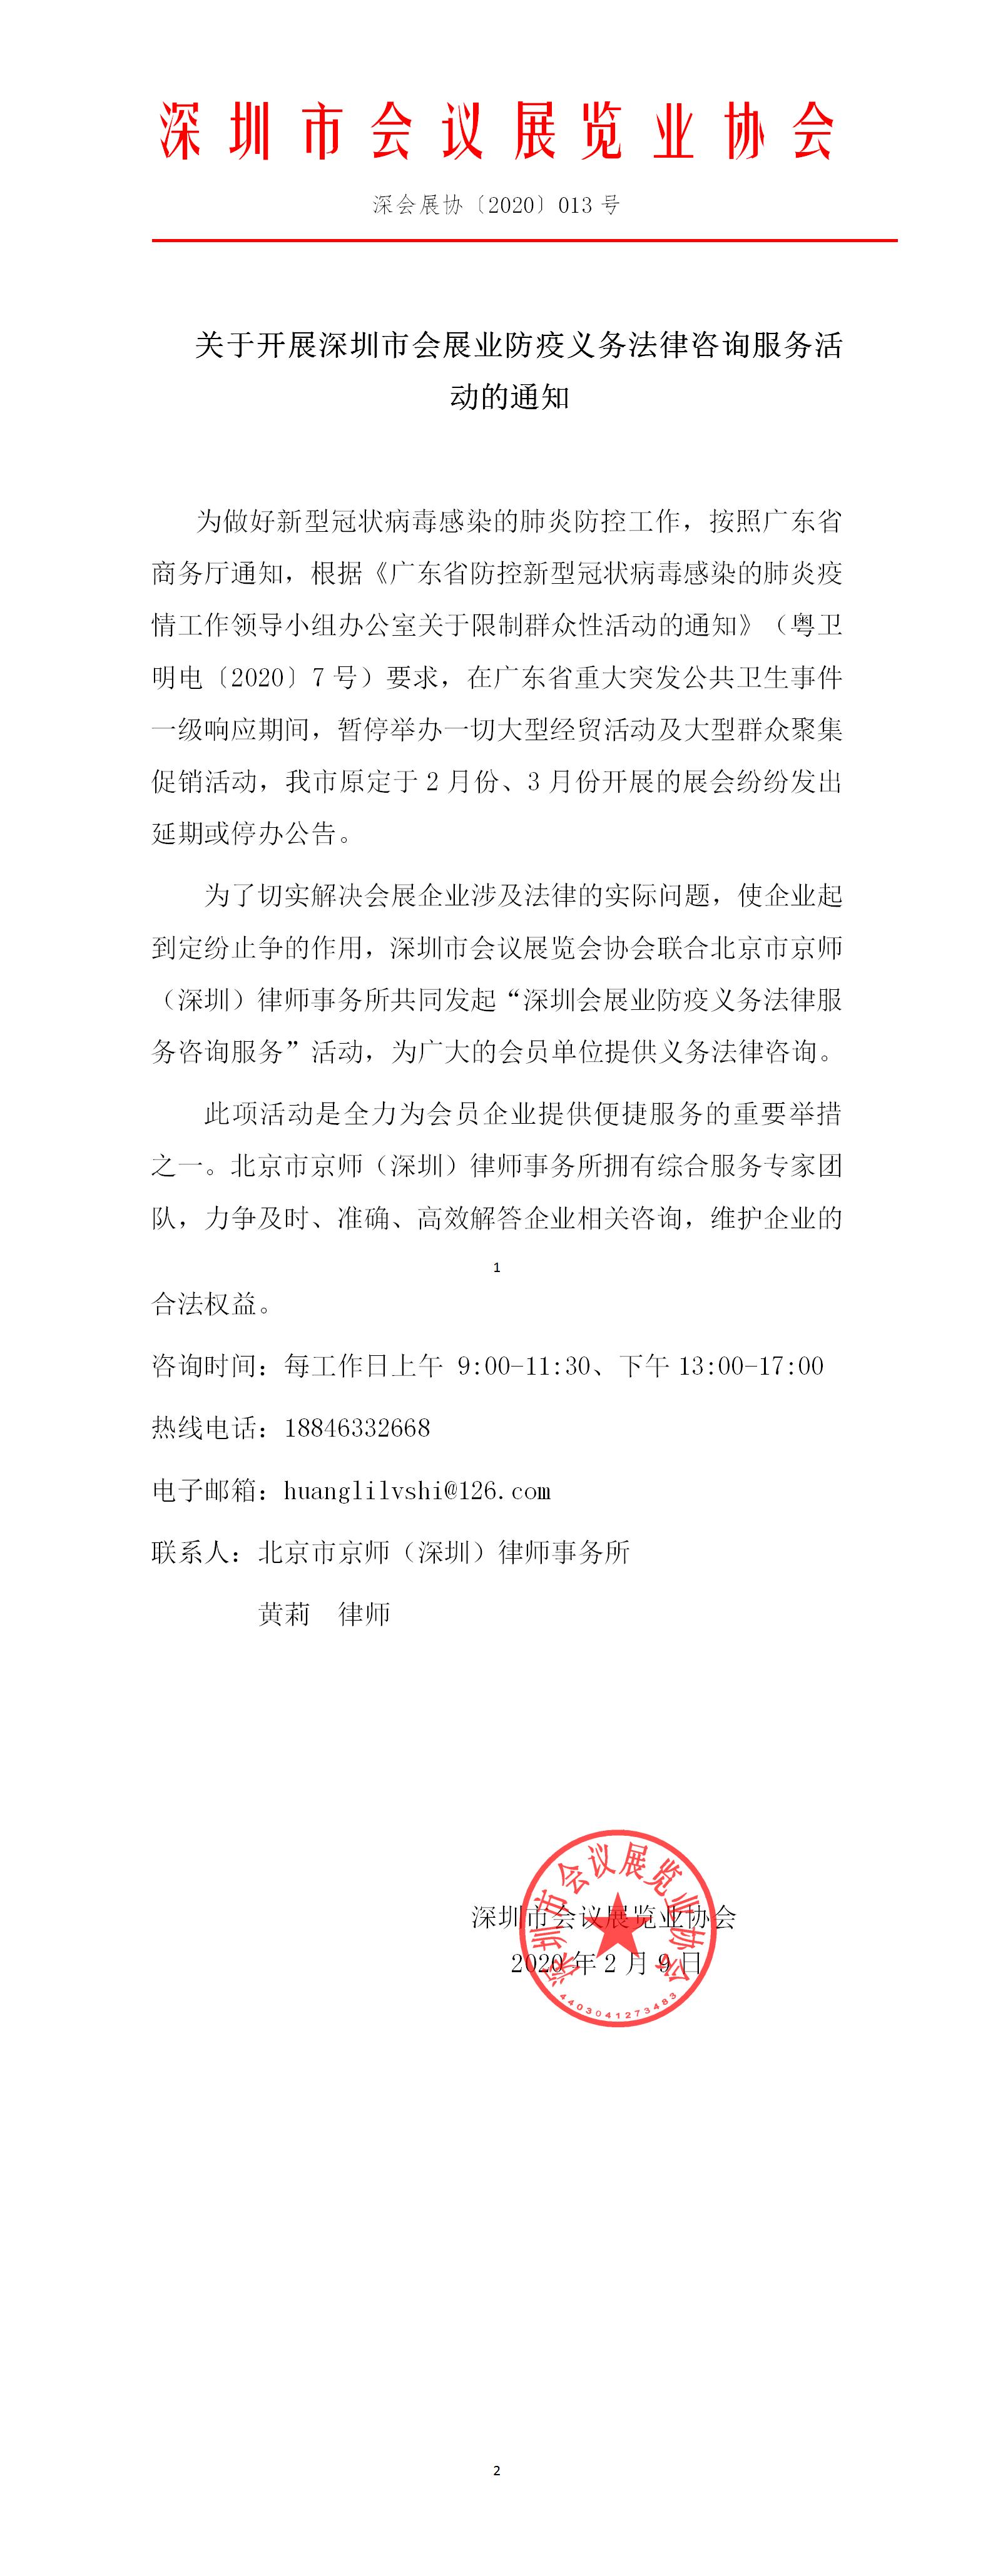 关于开展深圳市会展业防疫义务法律咨询服务活动的通知